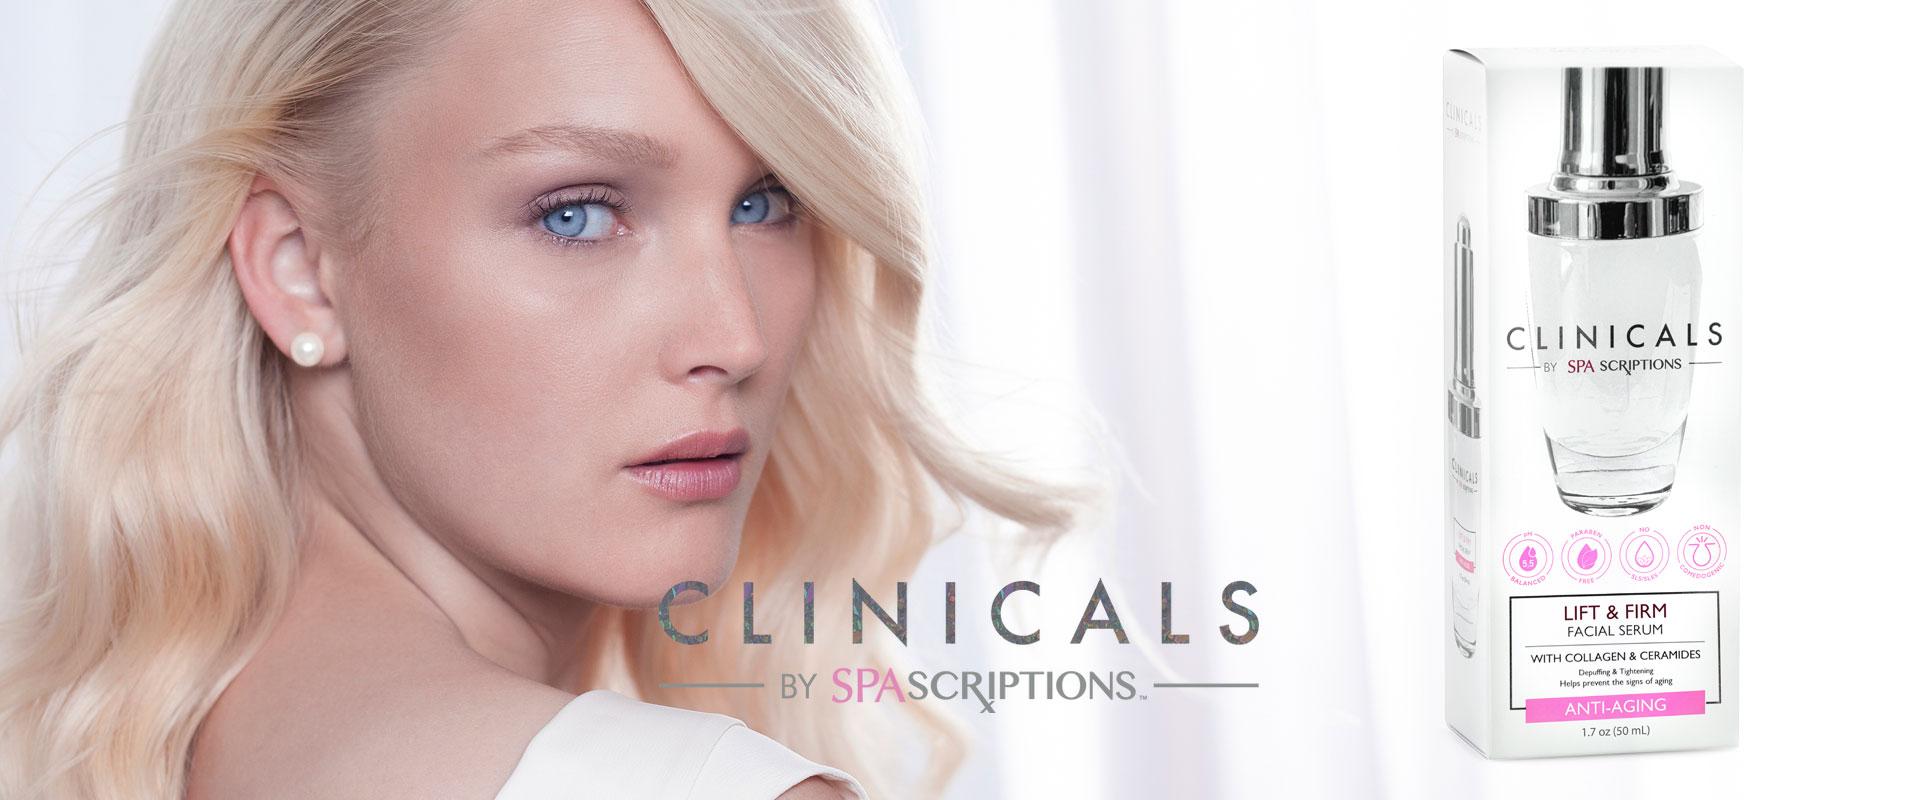 Línea Clinicals SpaScriptions